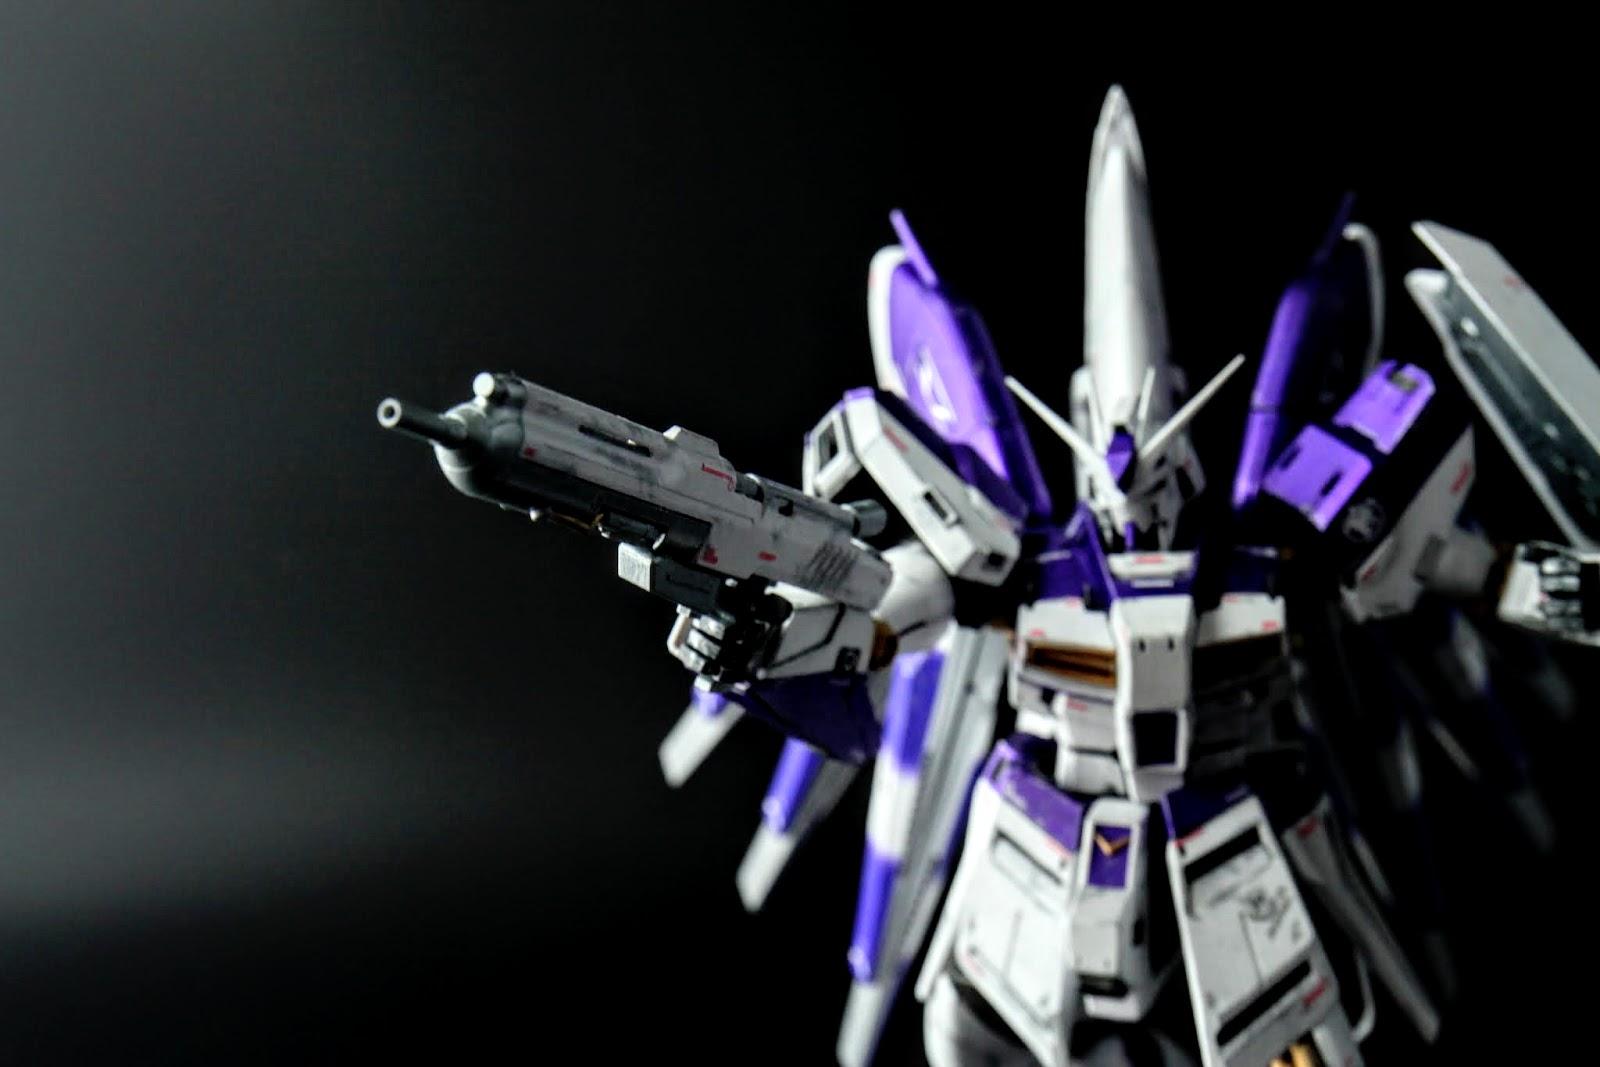 專用光束步槍,出力可以媲美當代戰艦主砲這樣